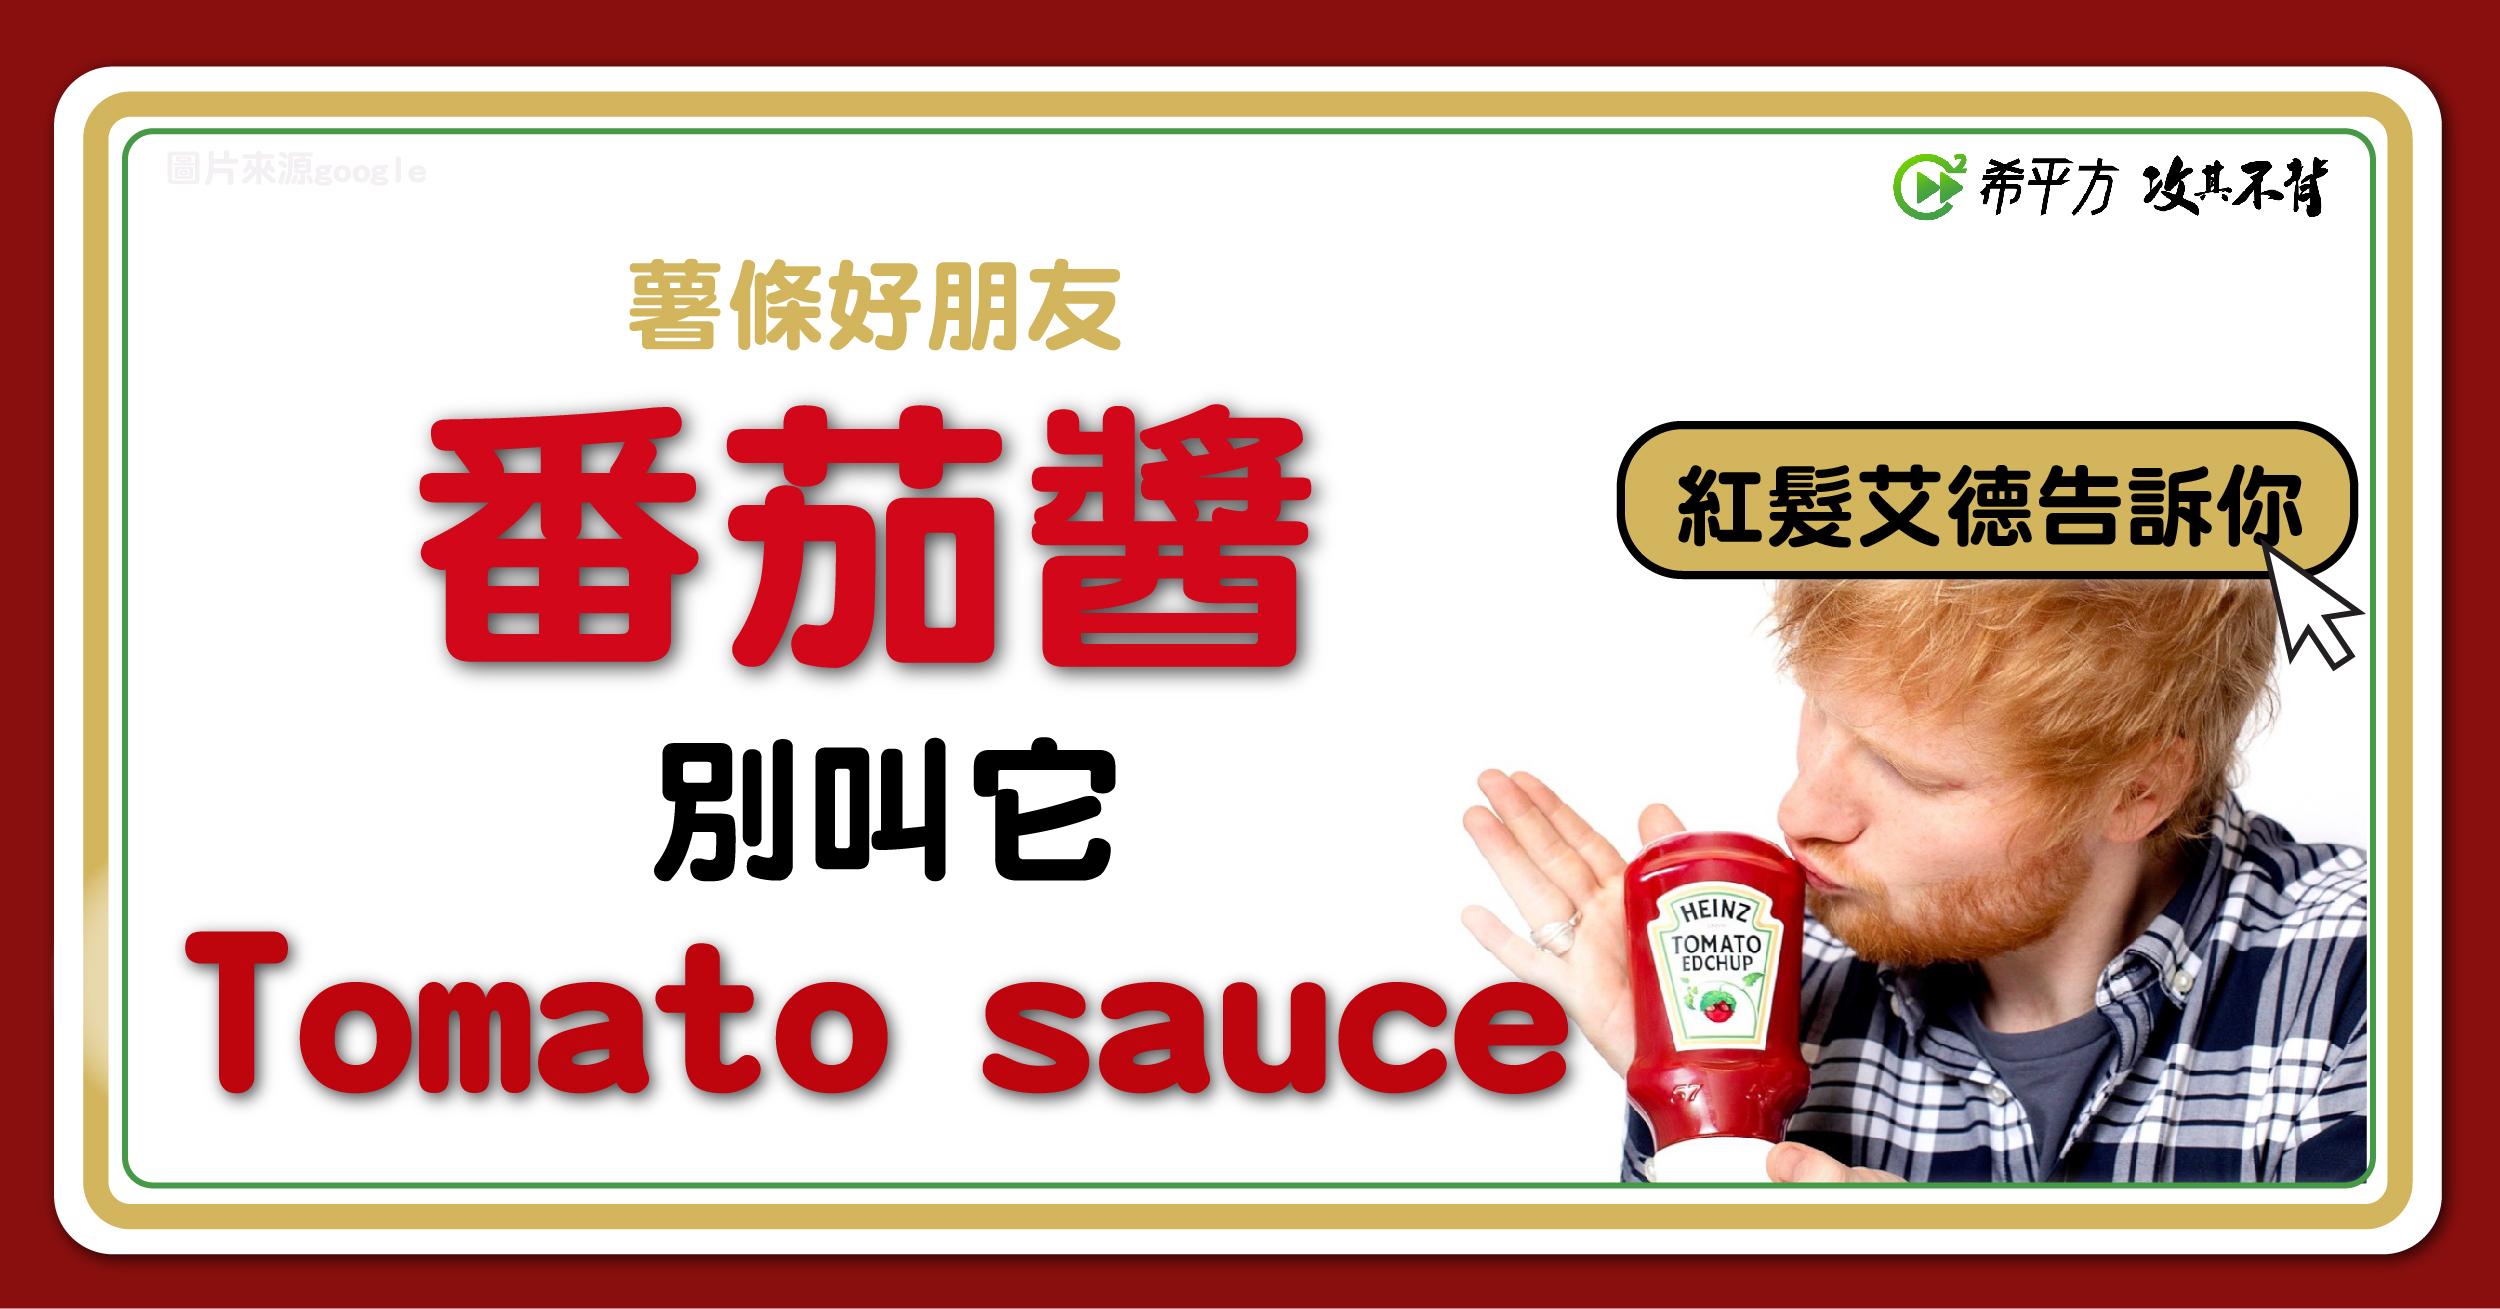 最成功的粉絲!亨式番茄醬和狂粉紅髮艾德聯名拍廣告啦!